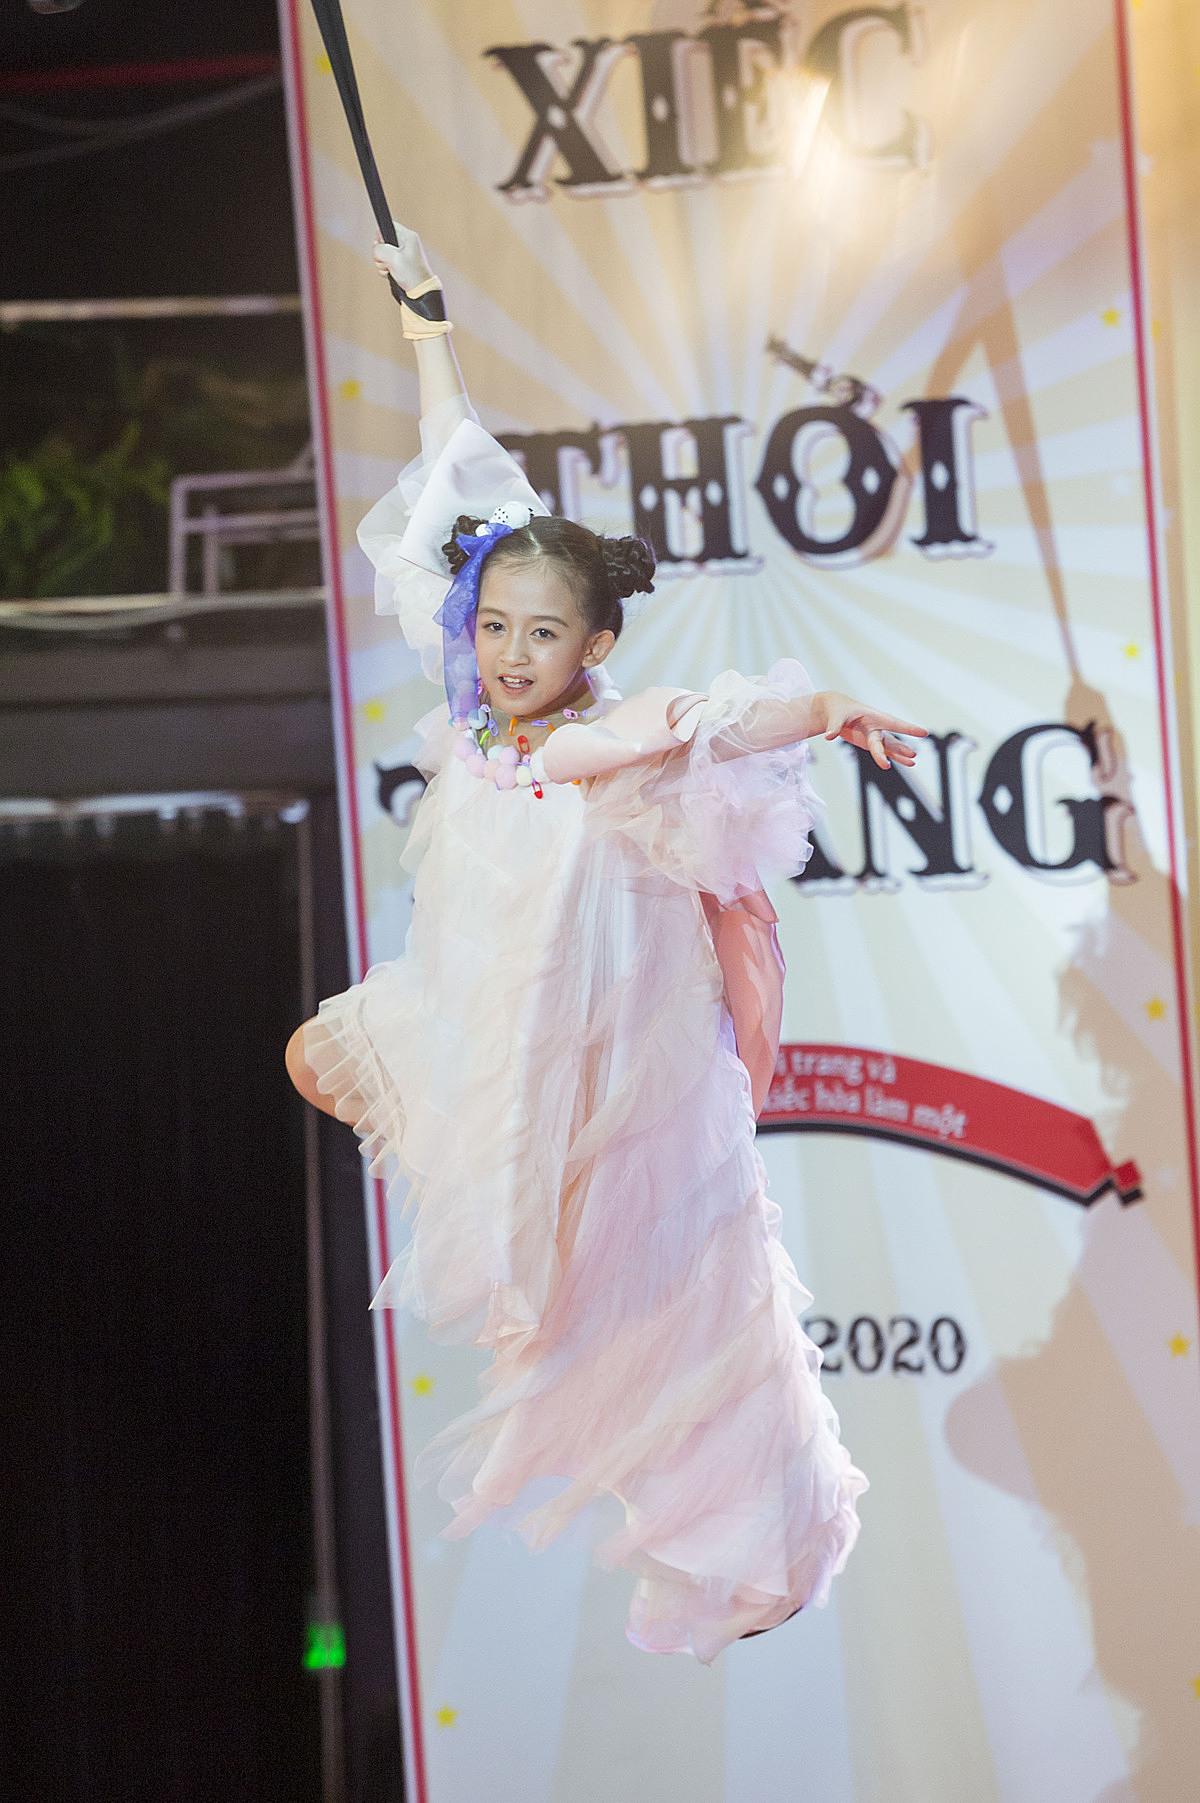 Cô bé Phạm Ngọc Khánh xuất sắc với màn đu dây trên cao bằng một tay như một diễn viên xiếc chuyên nghiệp.